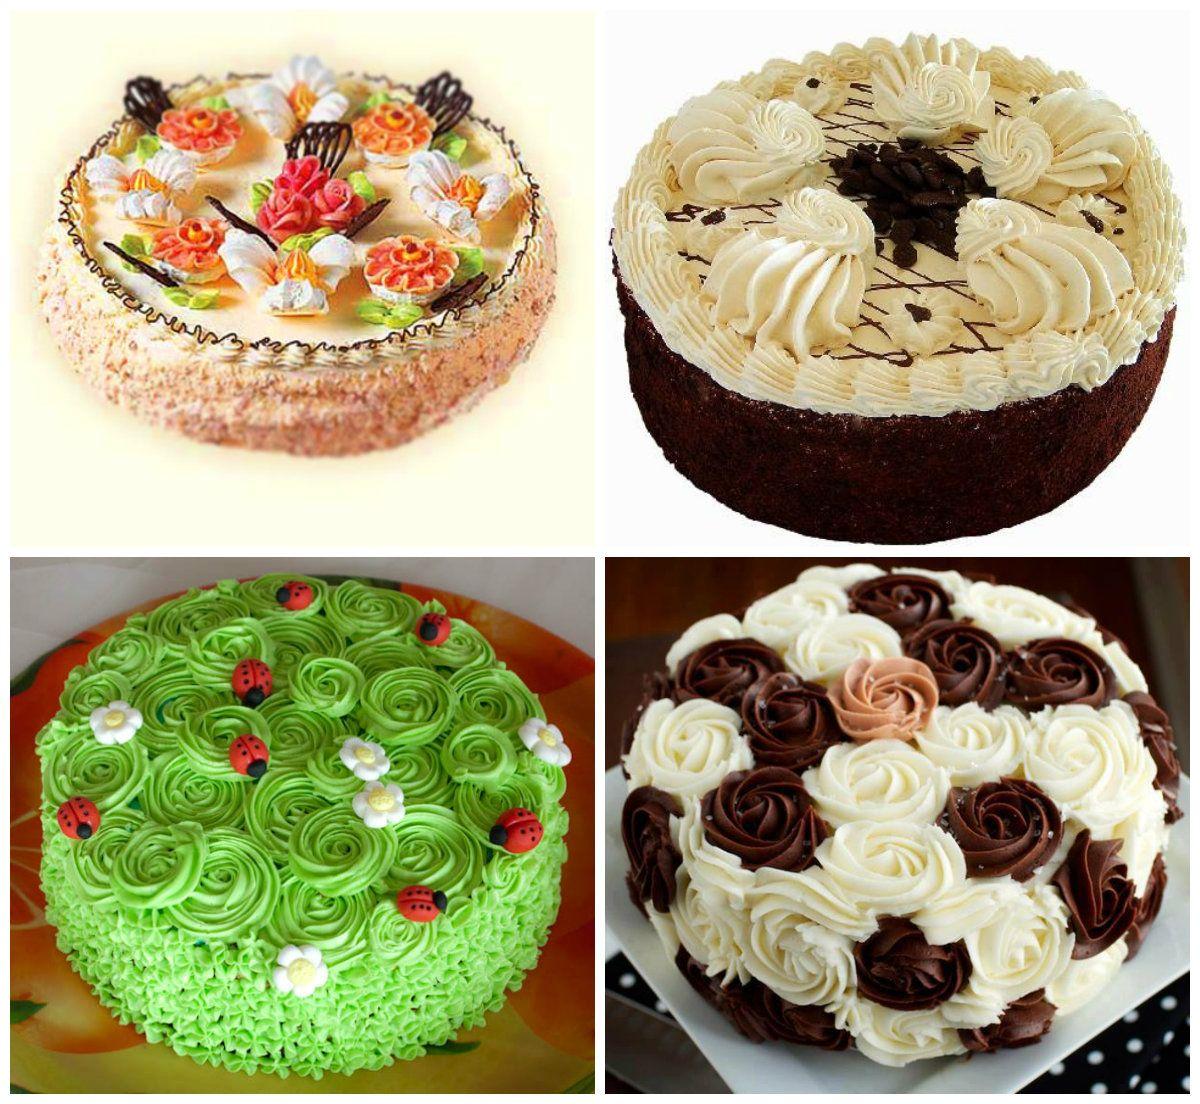 прикрепить как украшать торты в домашних условиях фото примеру, если